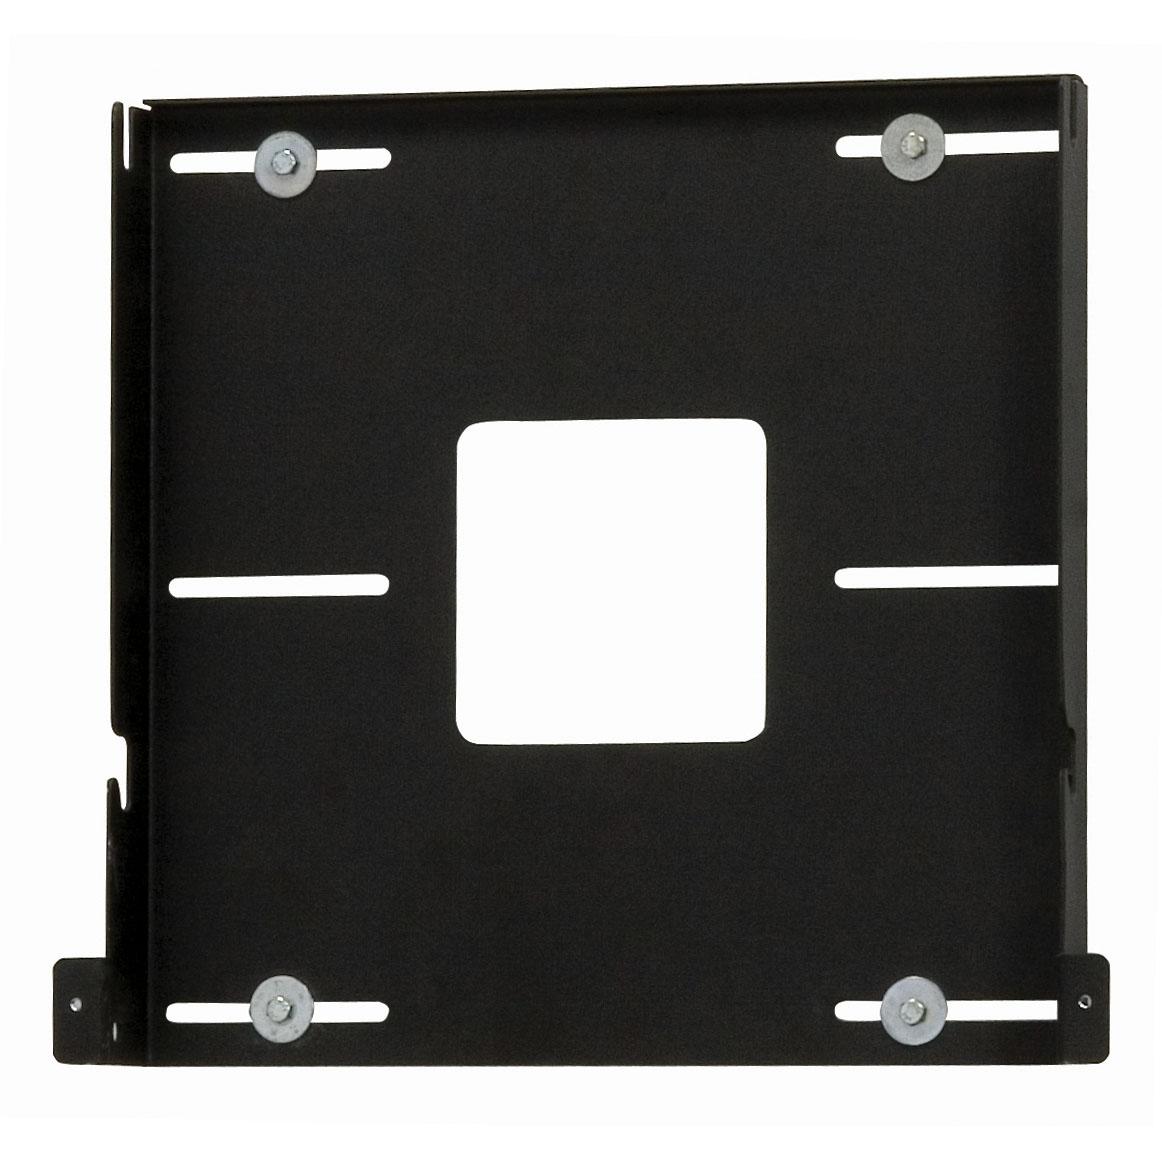 Wallmount Kit for Display Enclosure